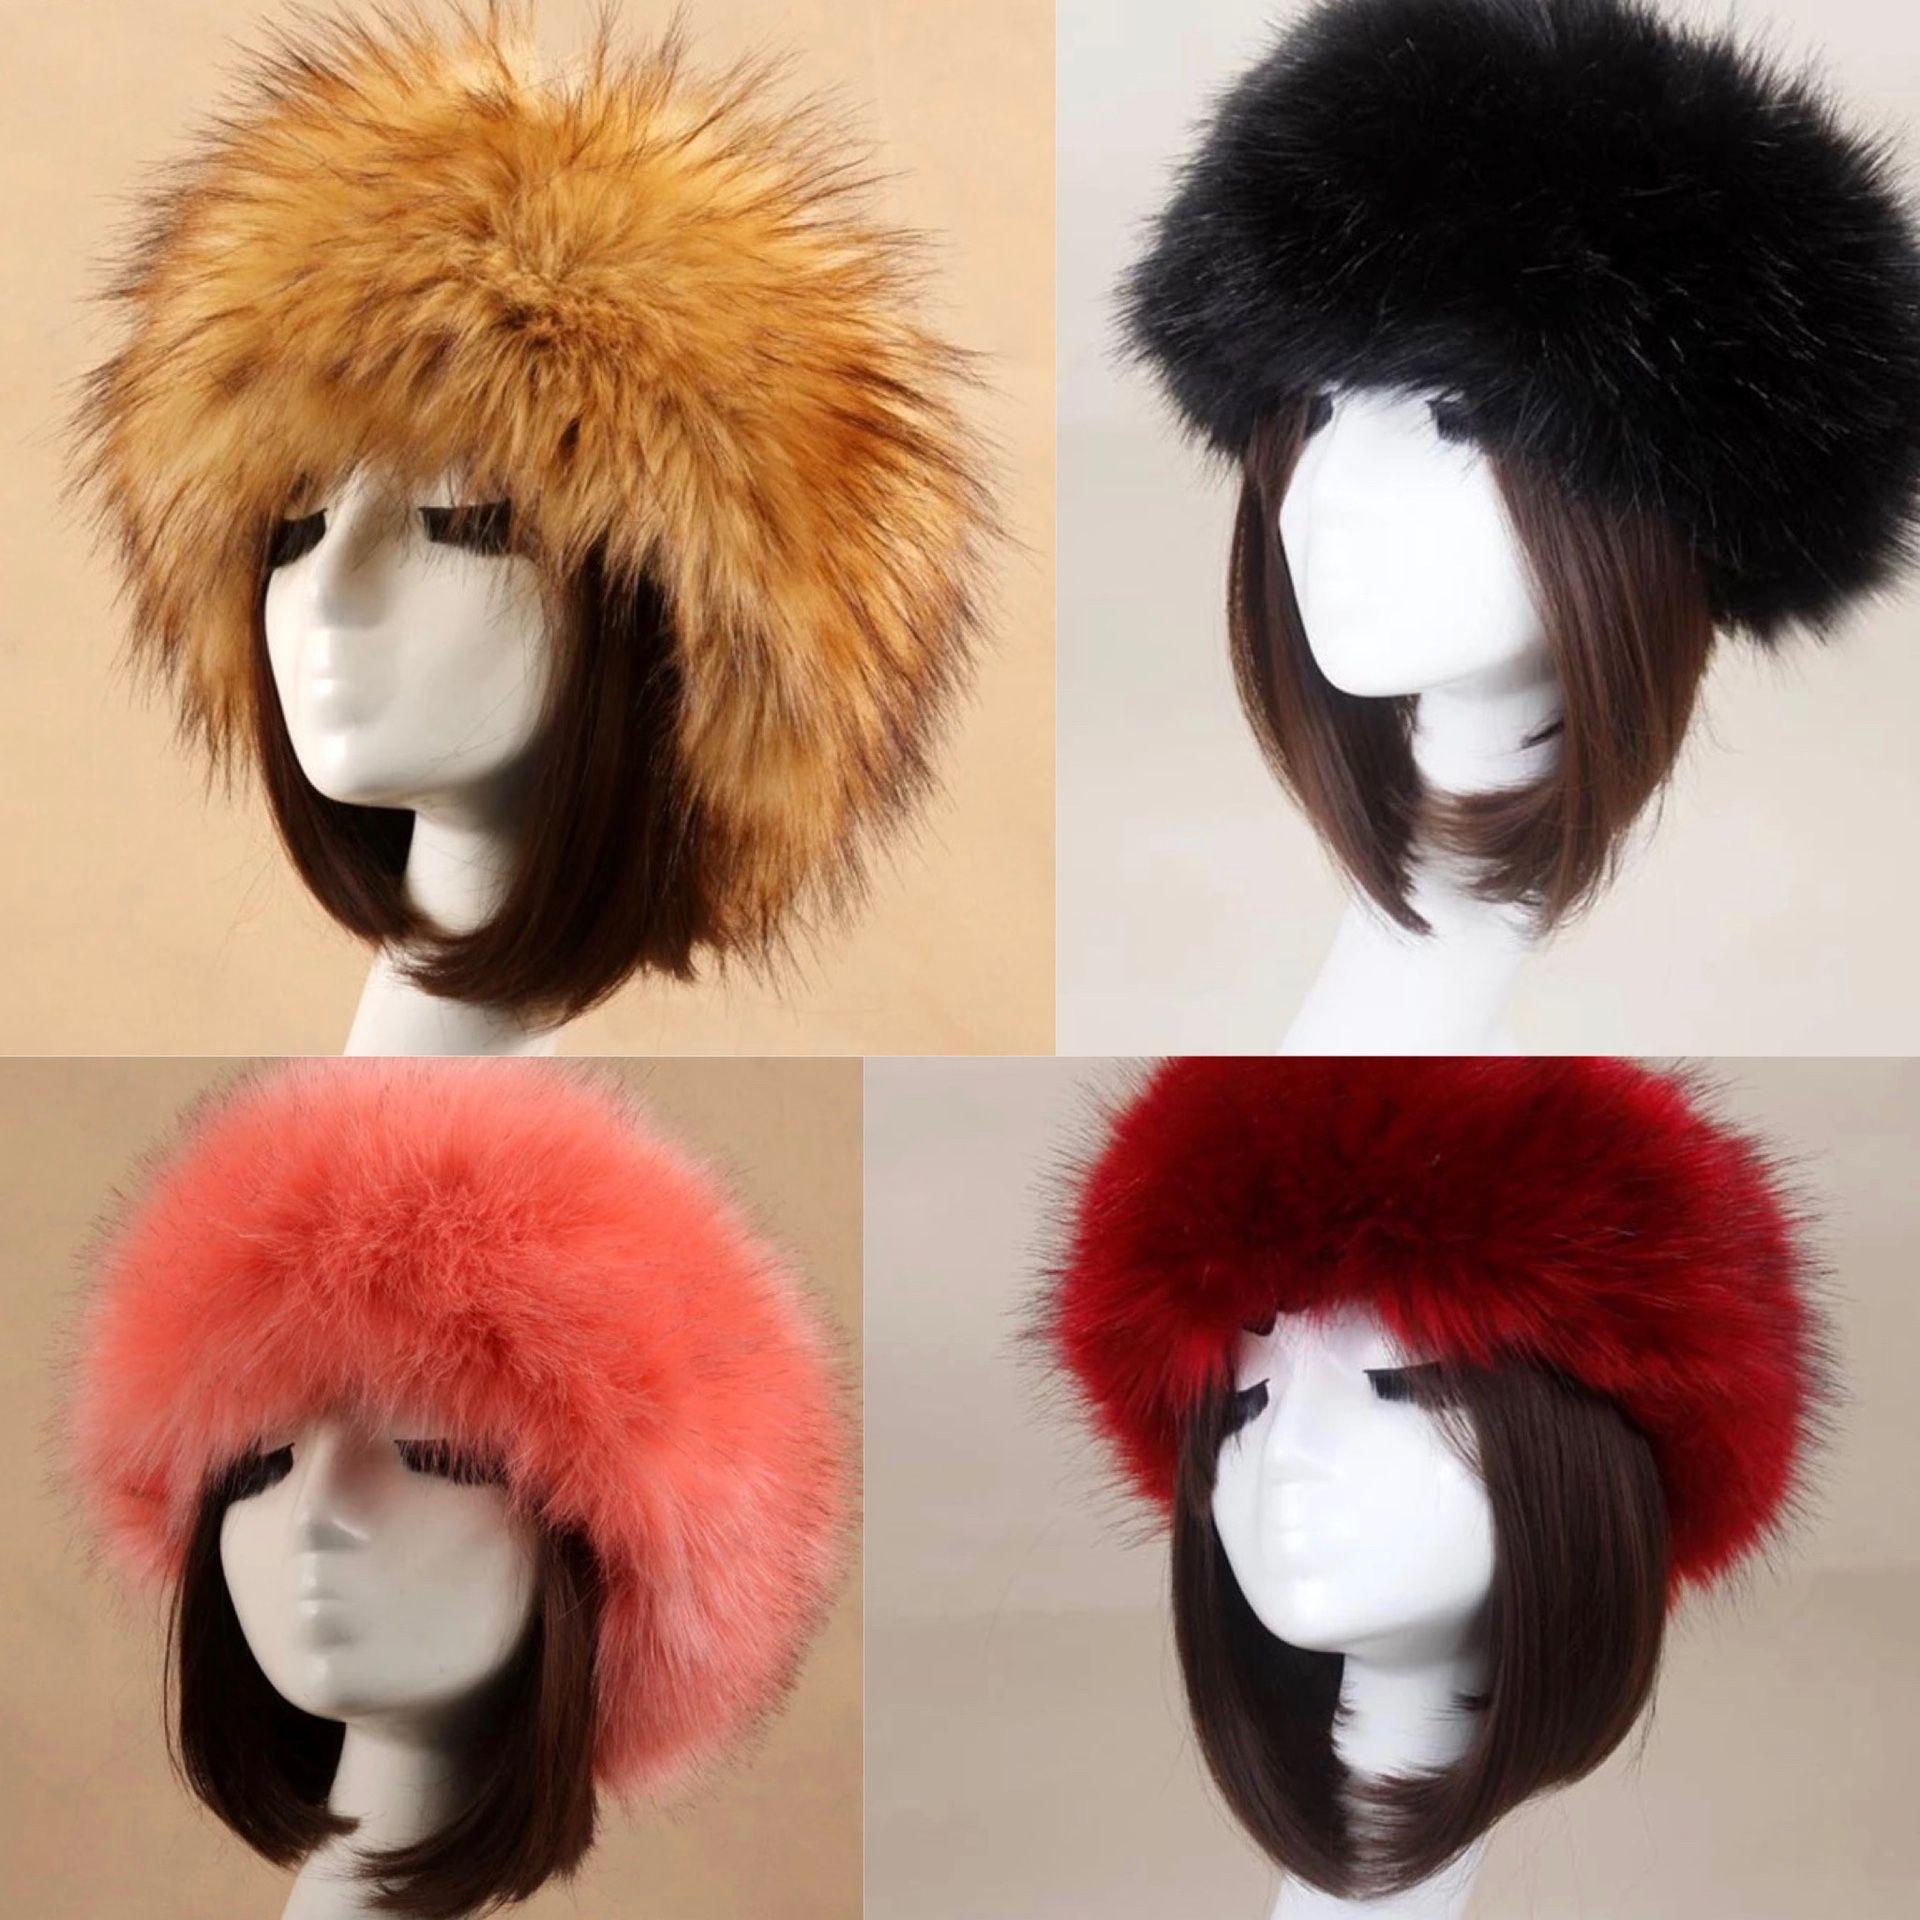 Fur headbands